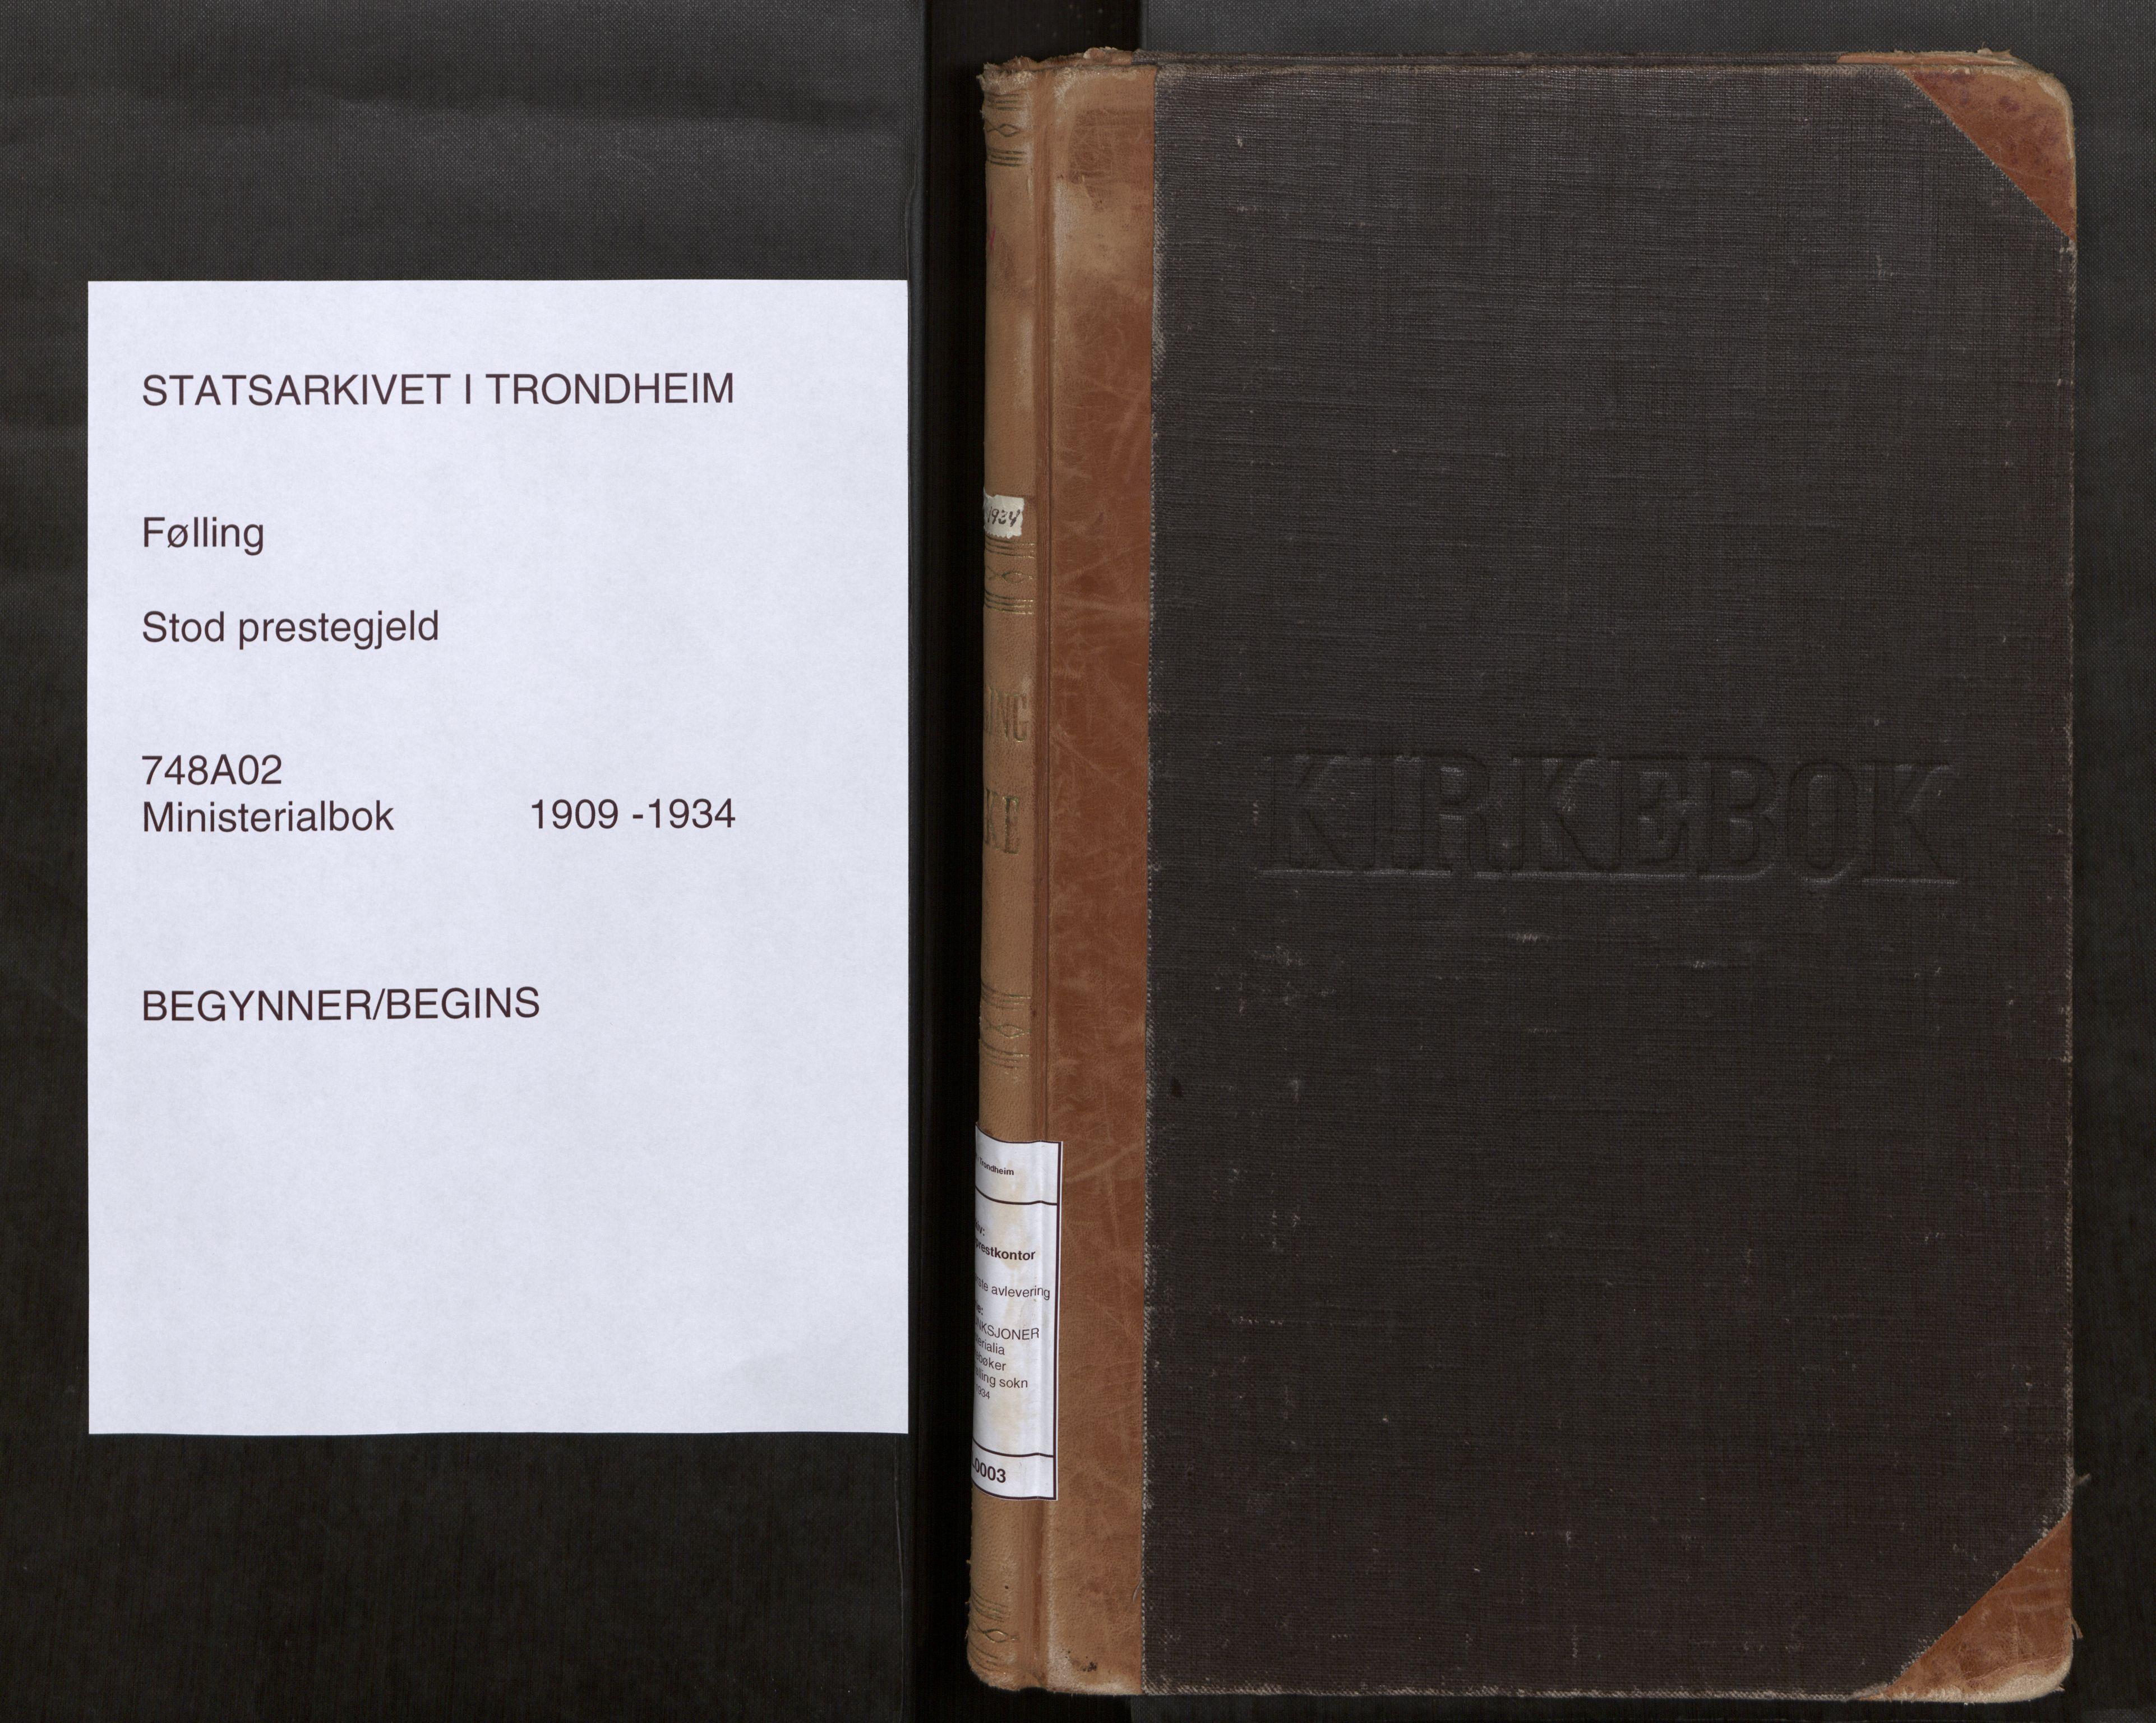 SAT, Stod sokneprestkontor, I/I1/I1a/L0003: Parish register (official) no. 3, 1909-1934